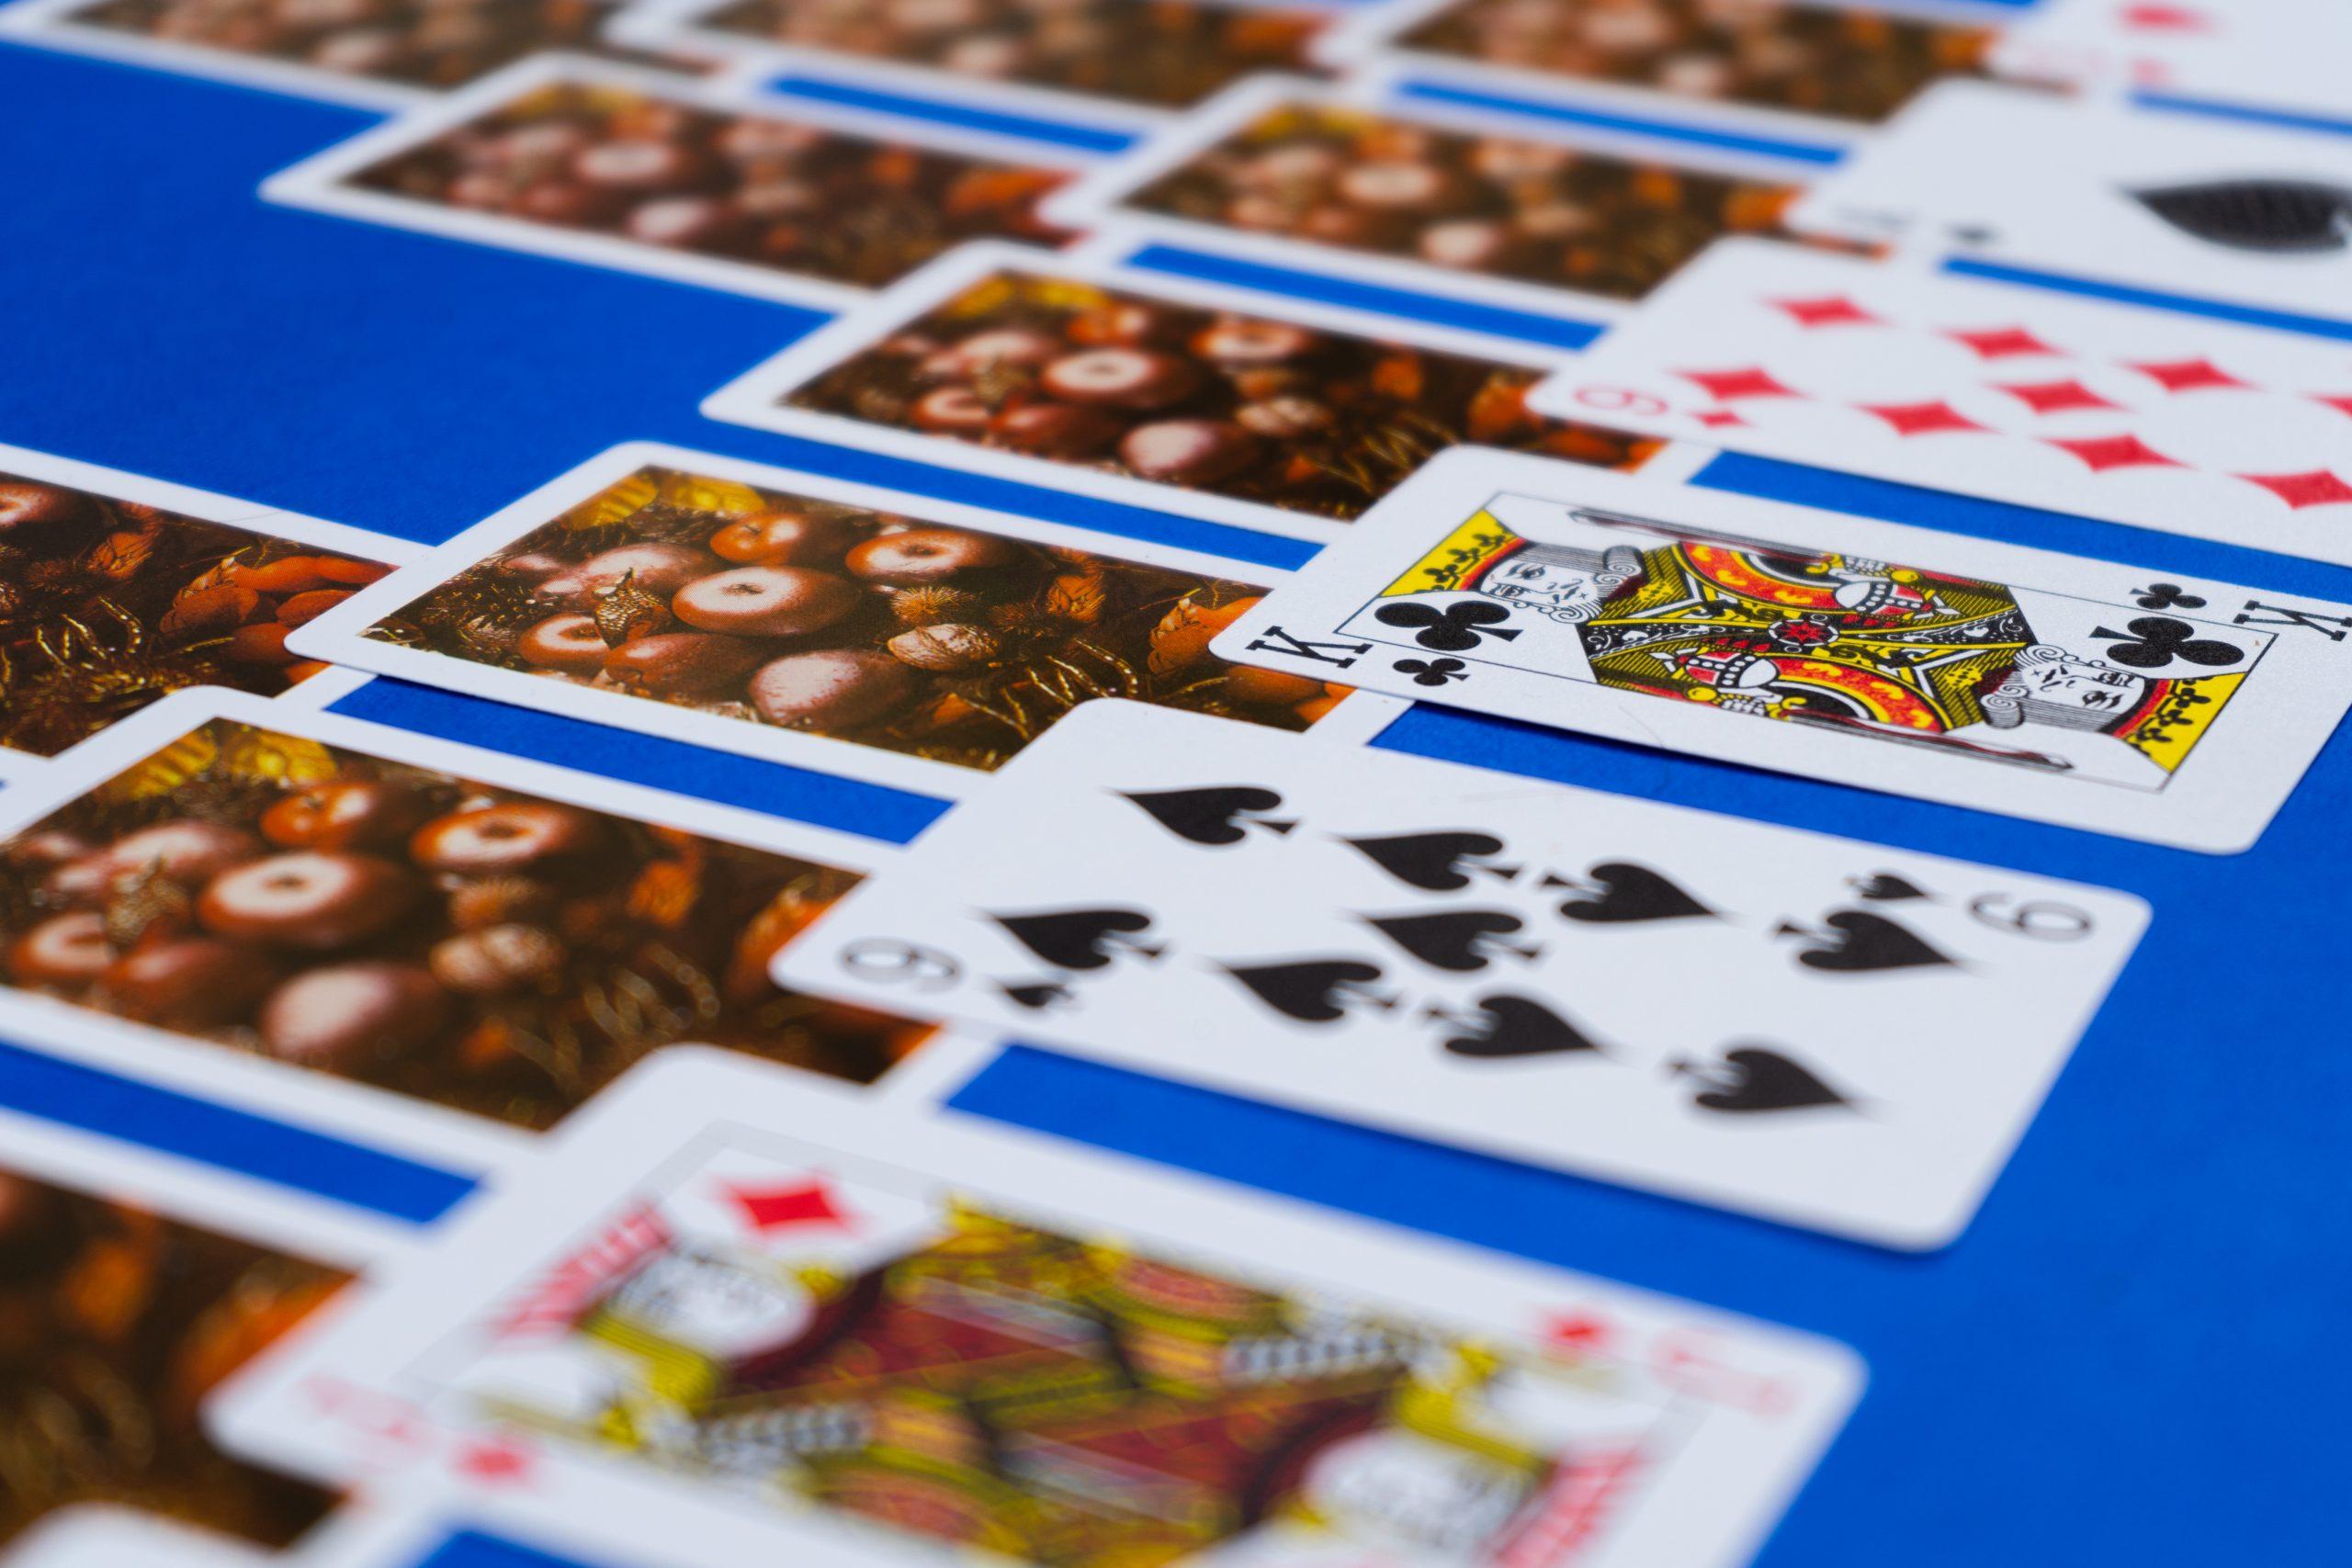 Tri Peaks card game